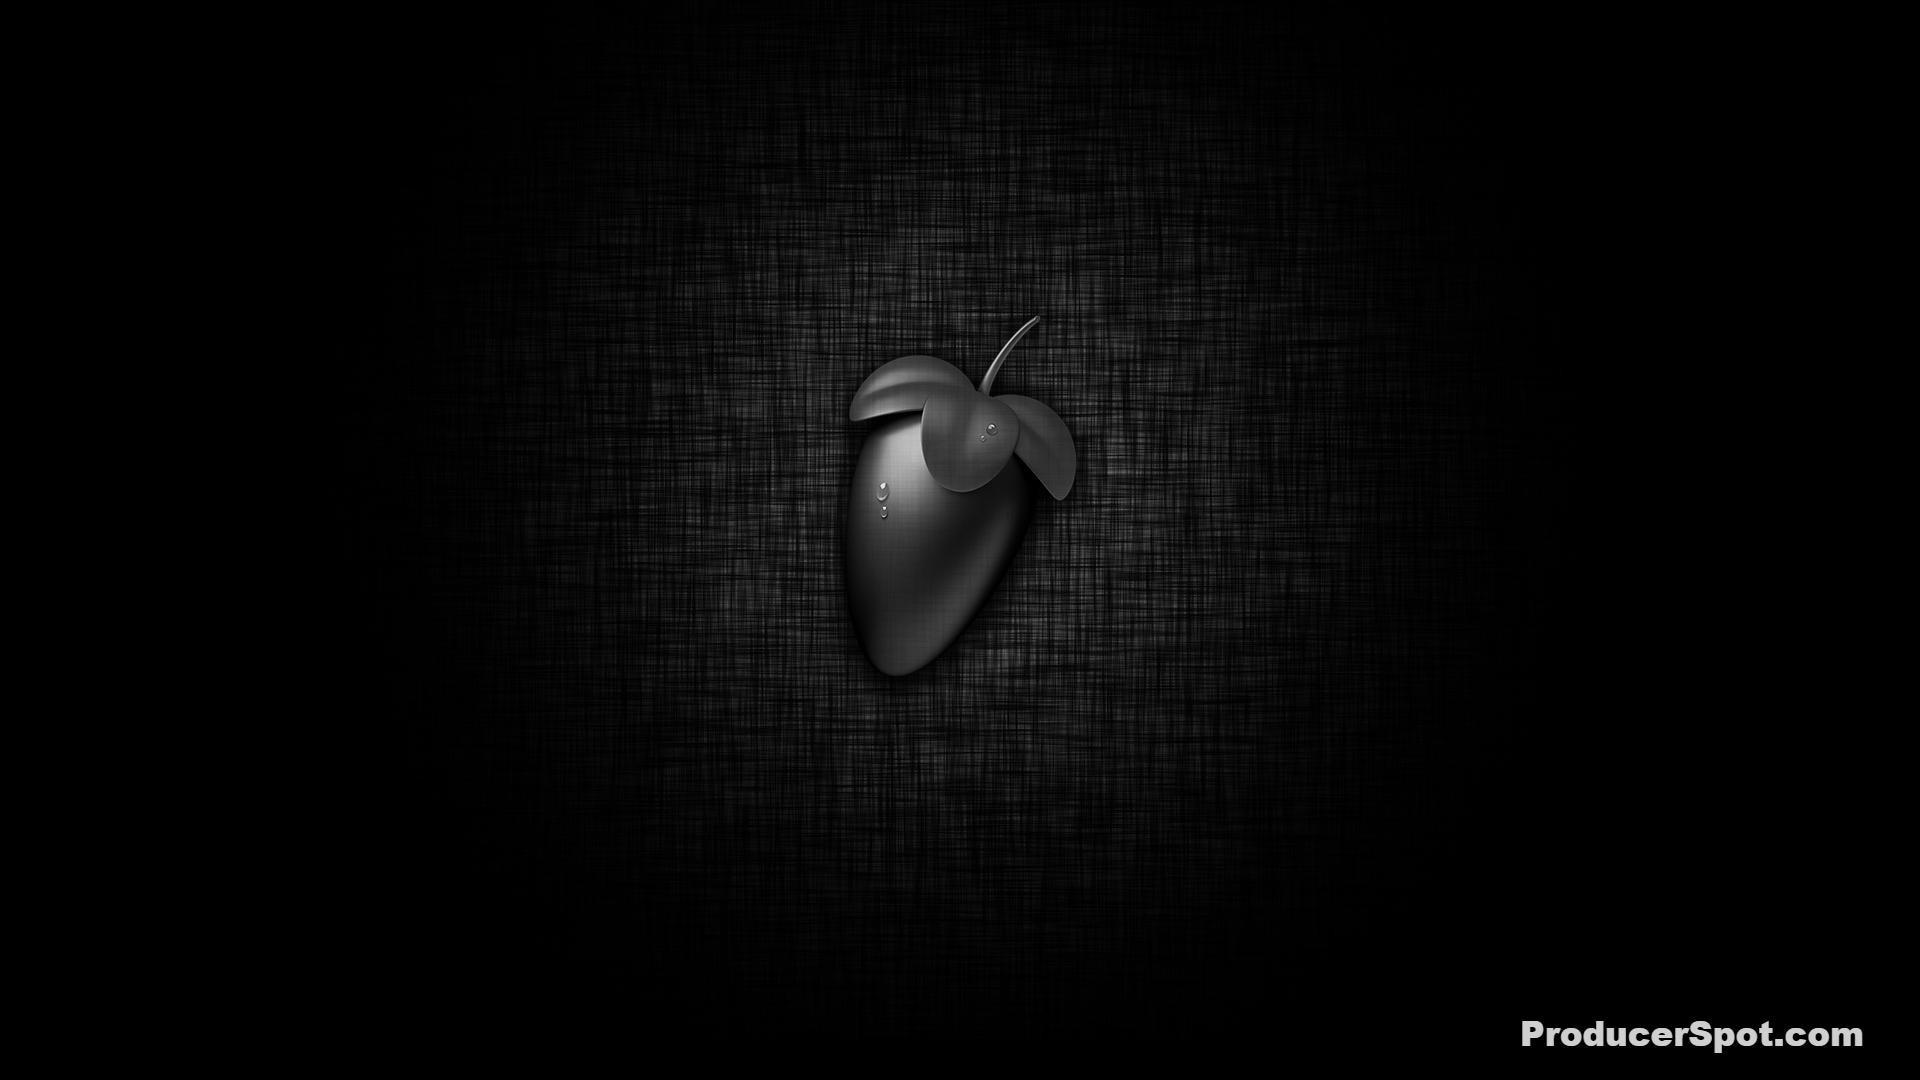 FL Studio 12 Wallpaper HD – Imgur